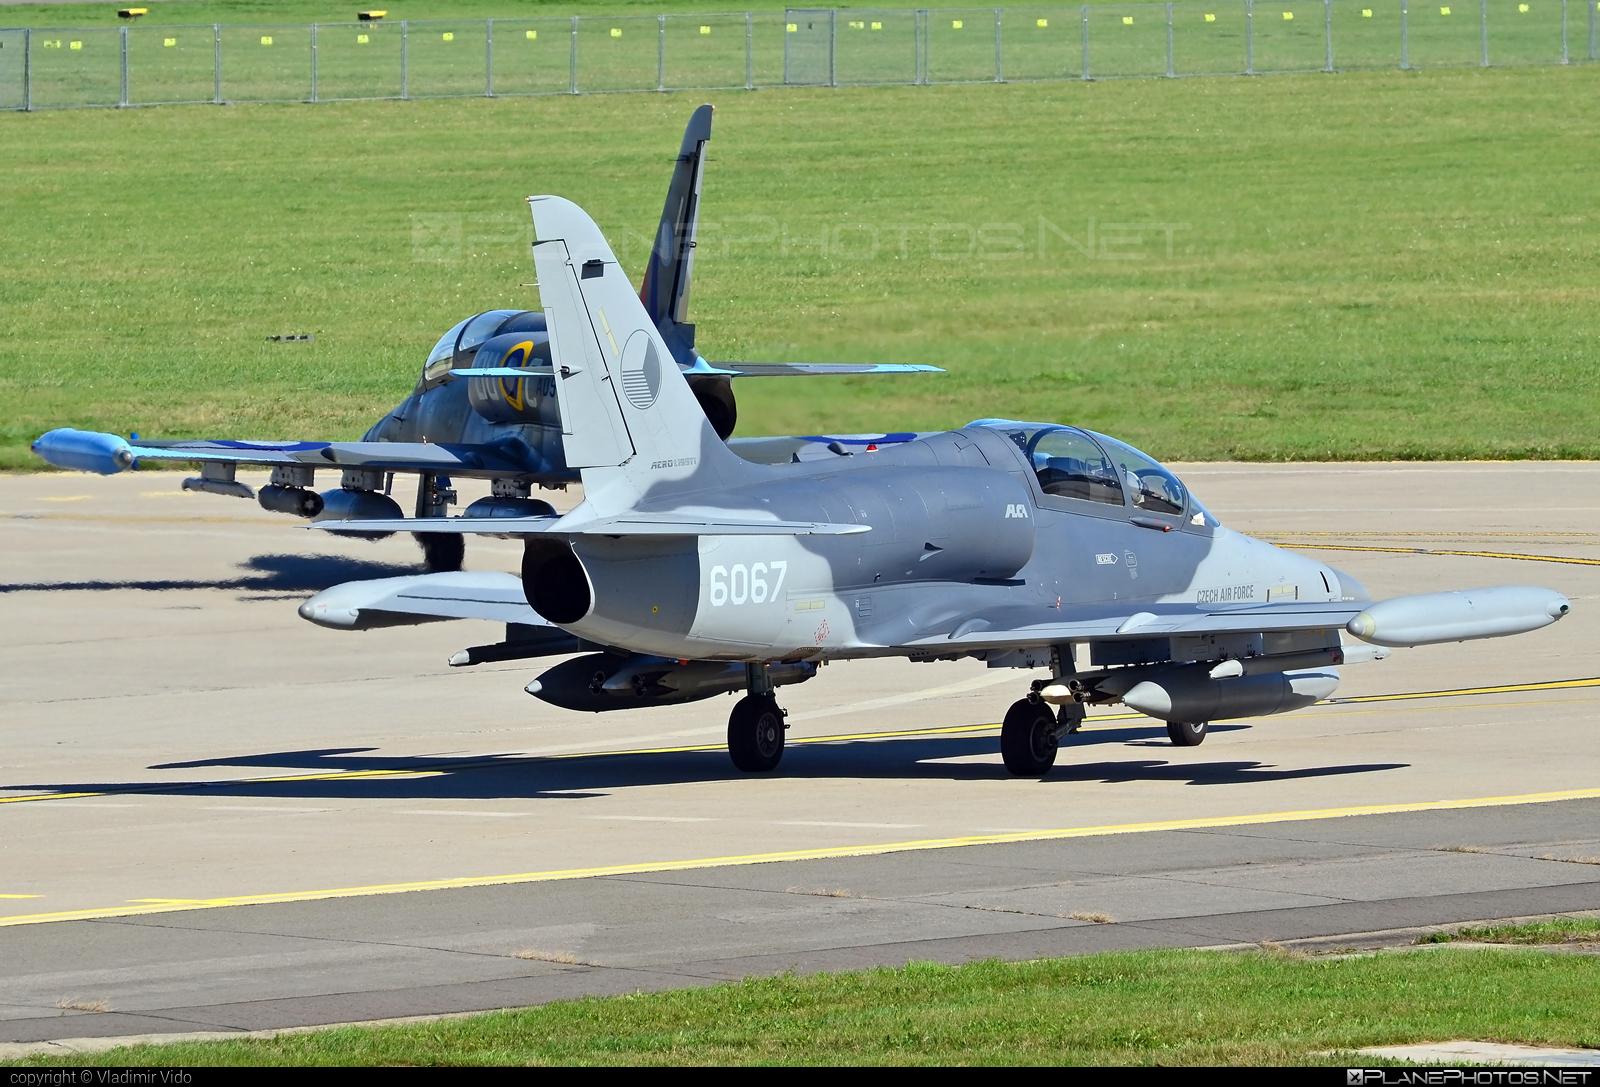 Aero L-159T1 Alca - 6067 operated by Vzdušné síly AČR (Czech Air Force) #aero #aerol159 #aerol159alca #aerol159t1alca #czechairforce #l159 #l159alca #l159t1 #l159t1alca #vzdusnesilyacr